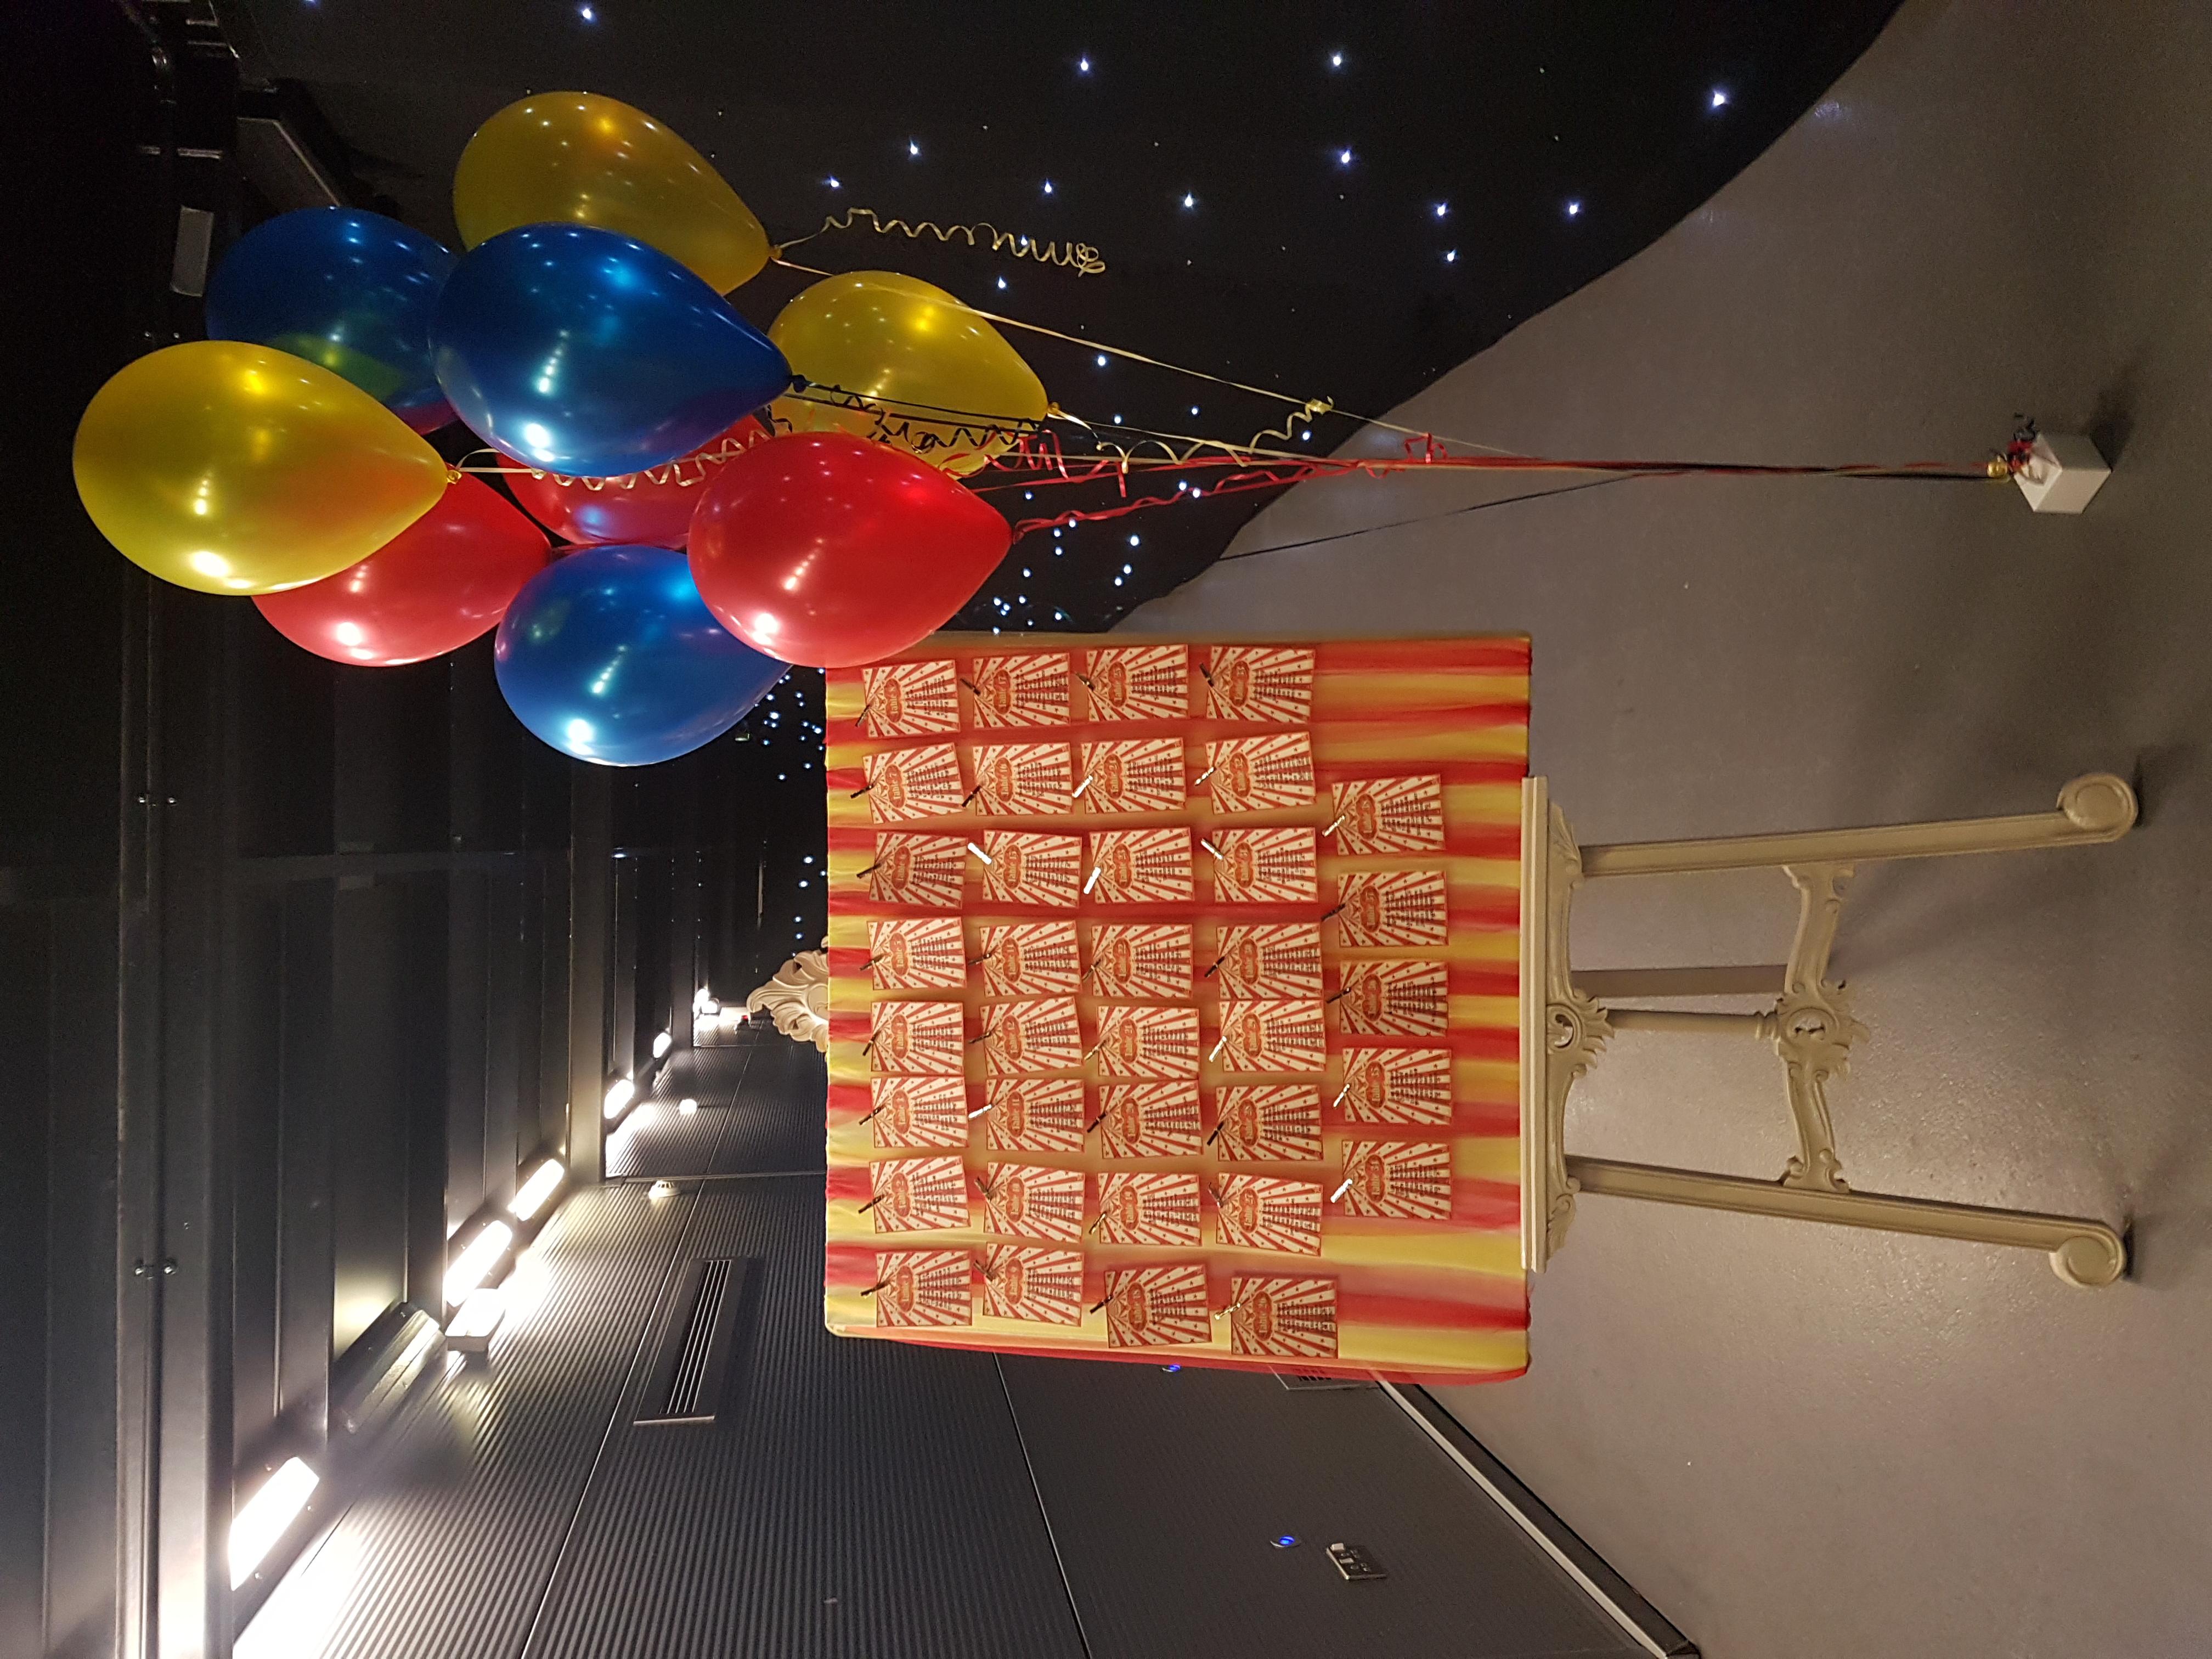 Circus Balloons